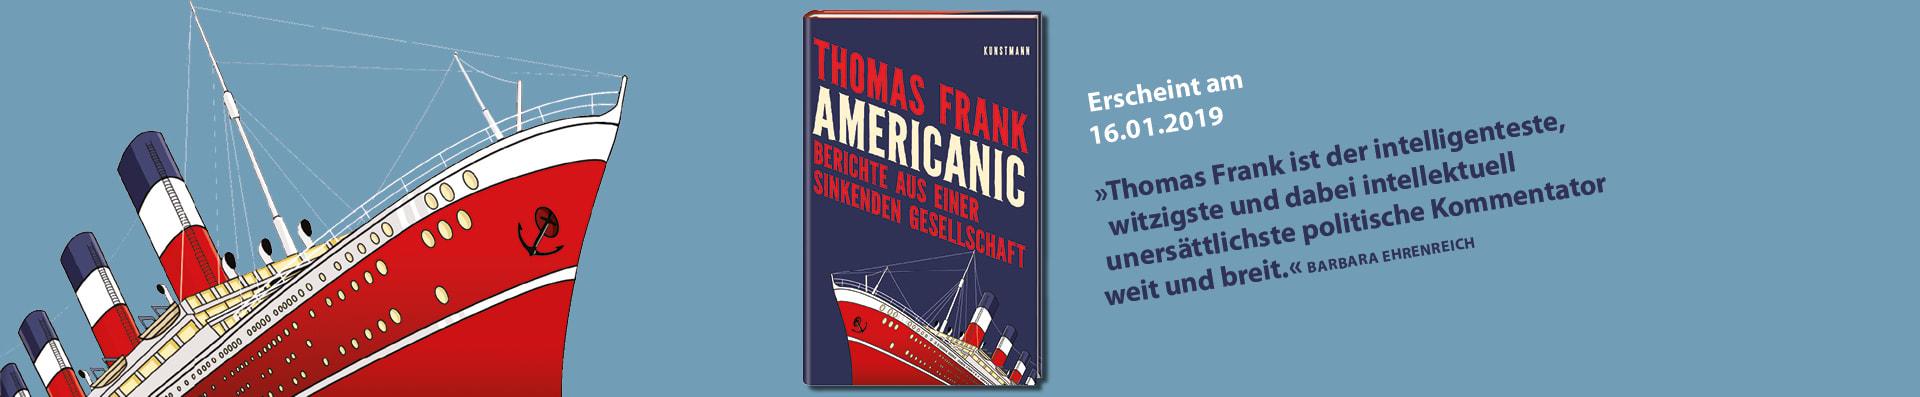 Frank – Americanic, Berichte aus einer sinkenden Gesellschaft